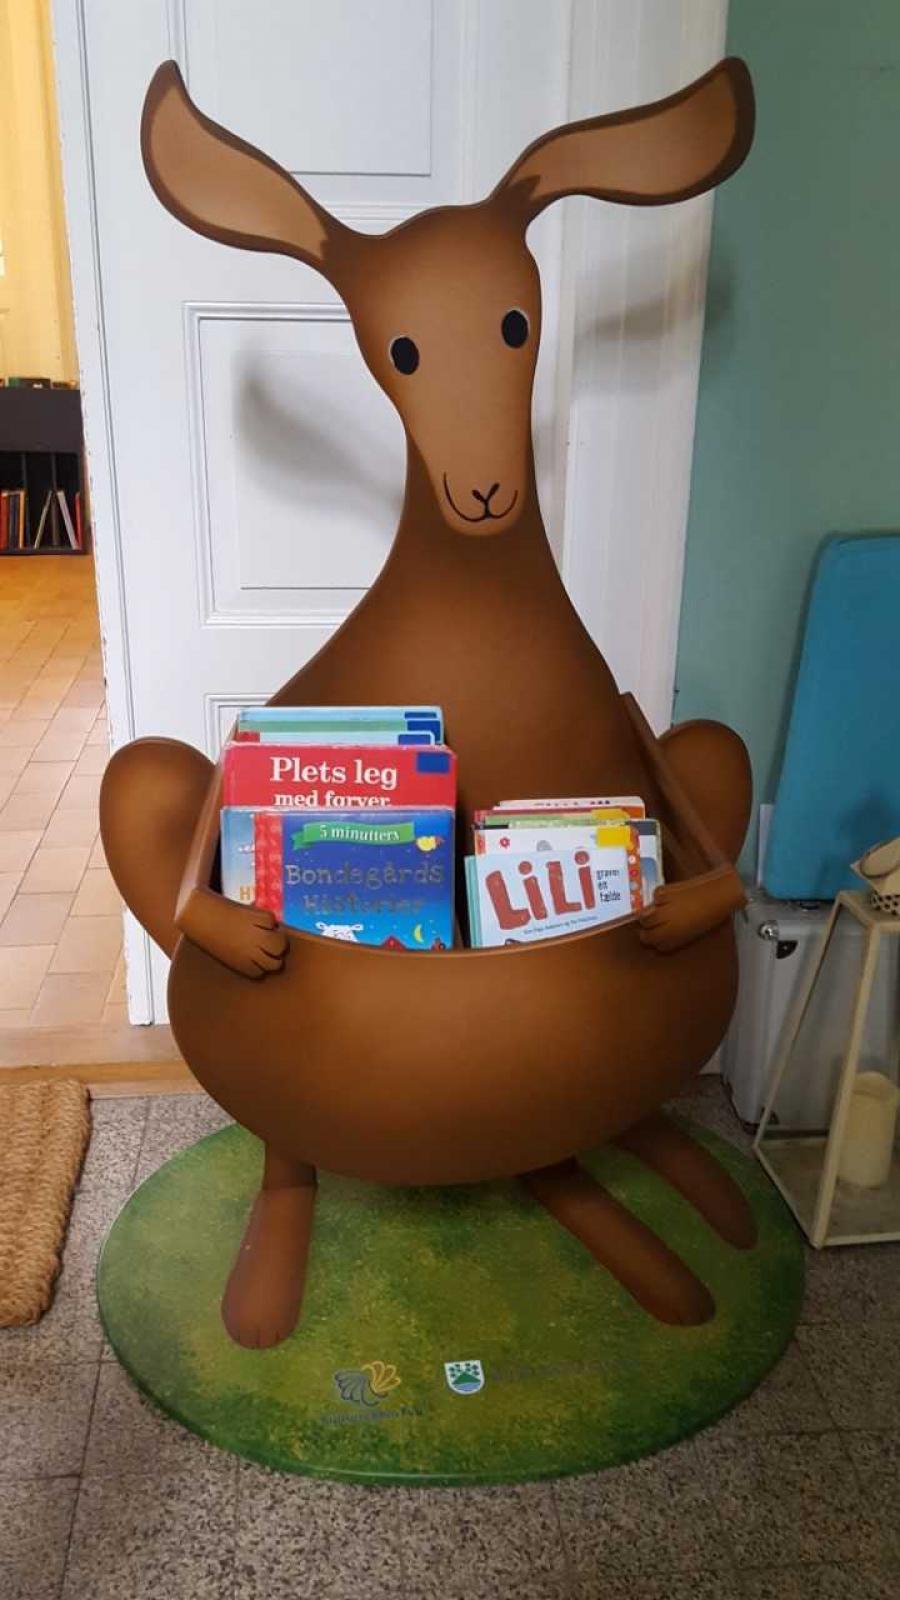 billede af bøger i kænguruens lomme